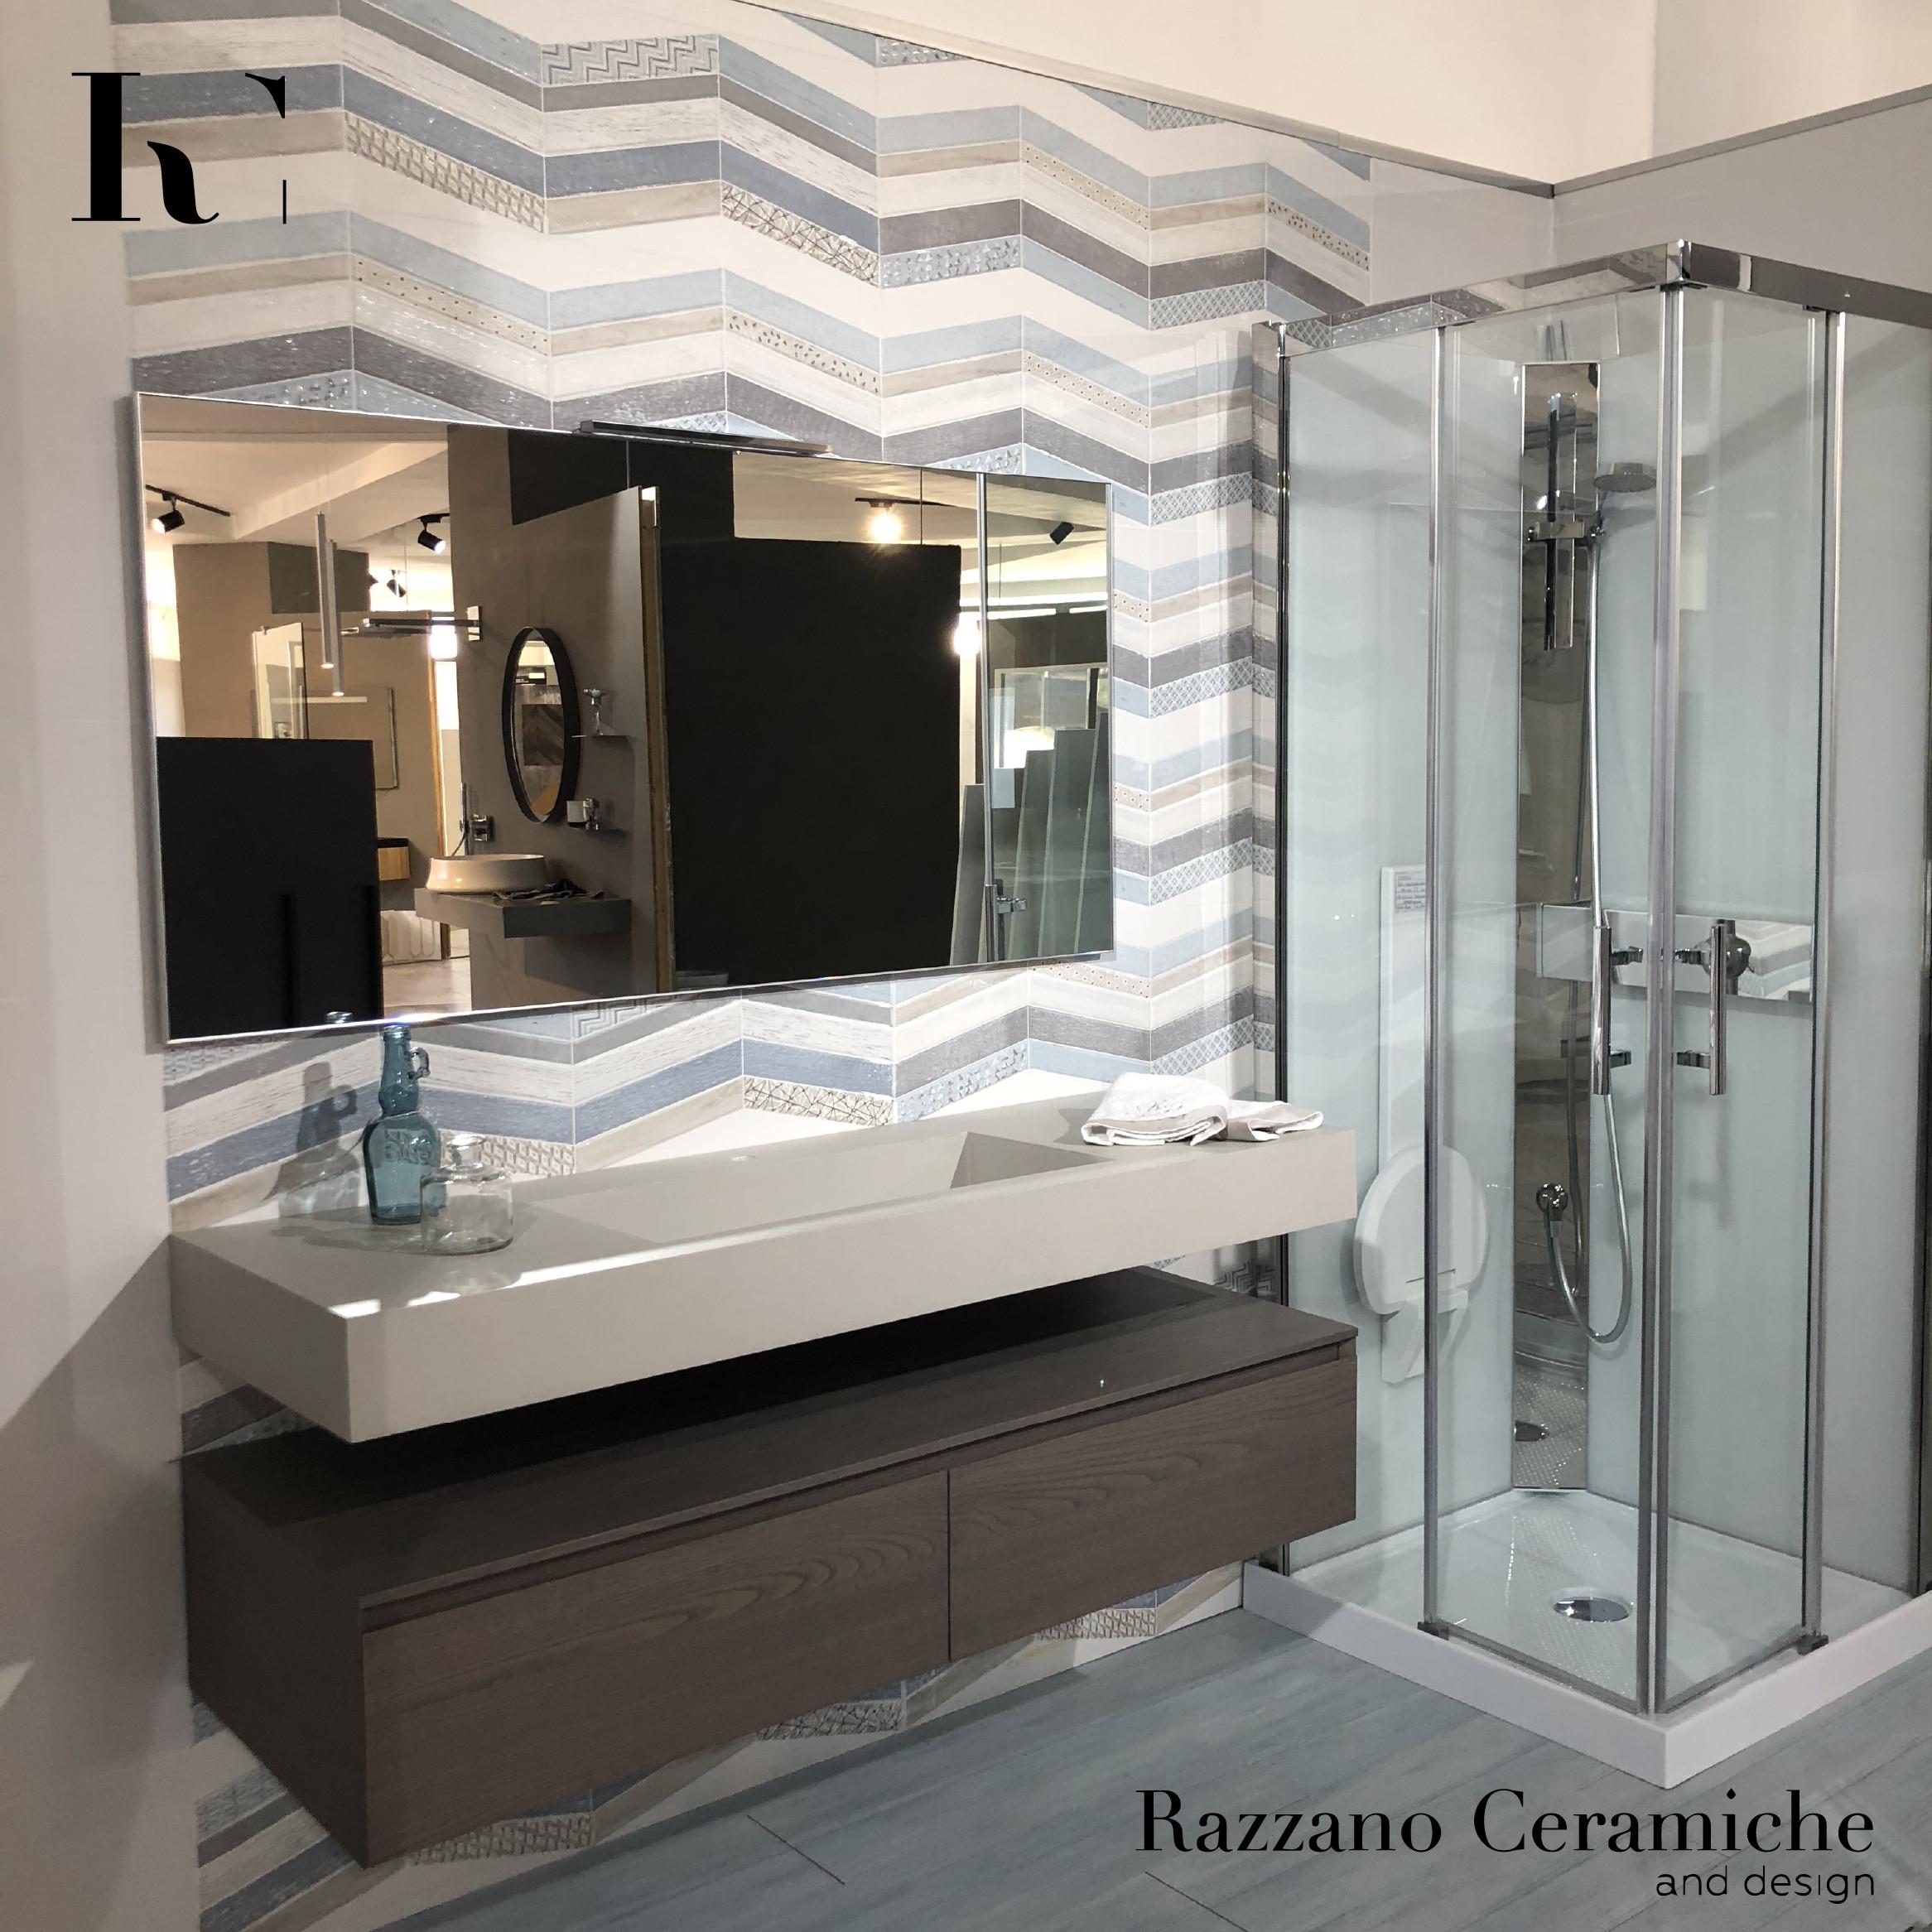 Ceramiche Per Pavimenti E Rivestimenti Durazzano.Razzano Ceramiche And Design Durazzano